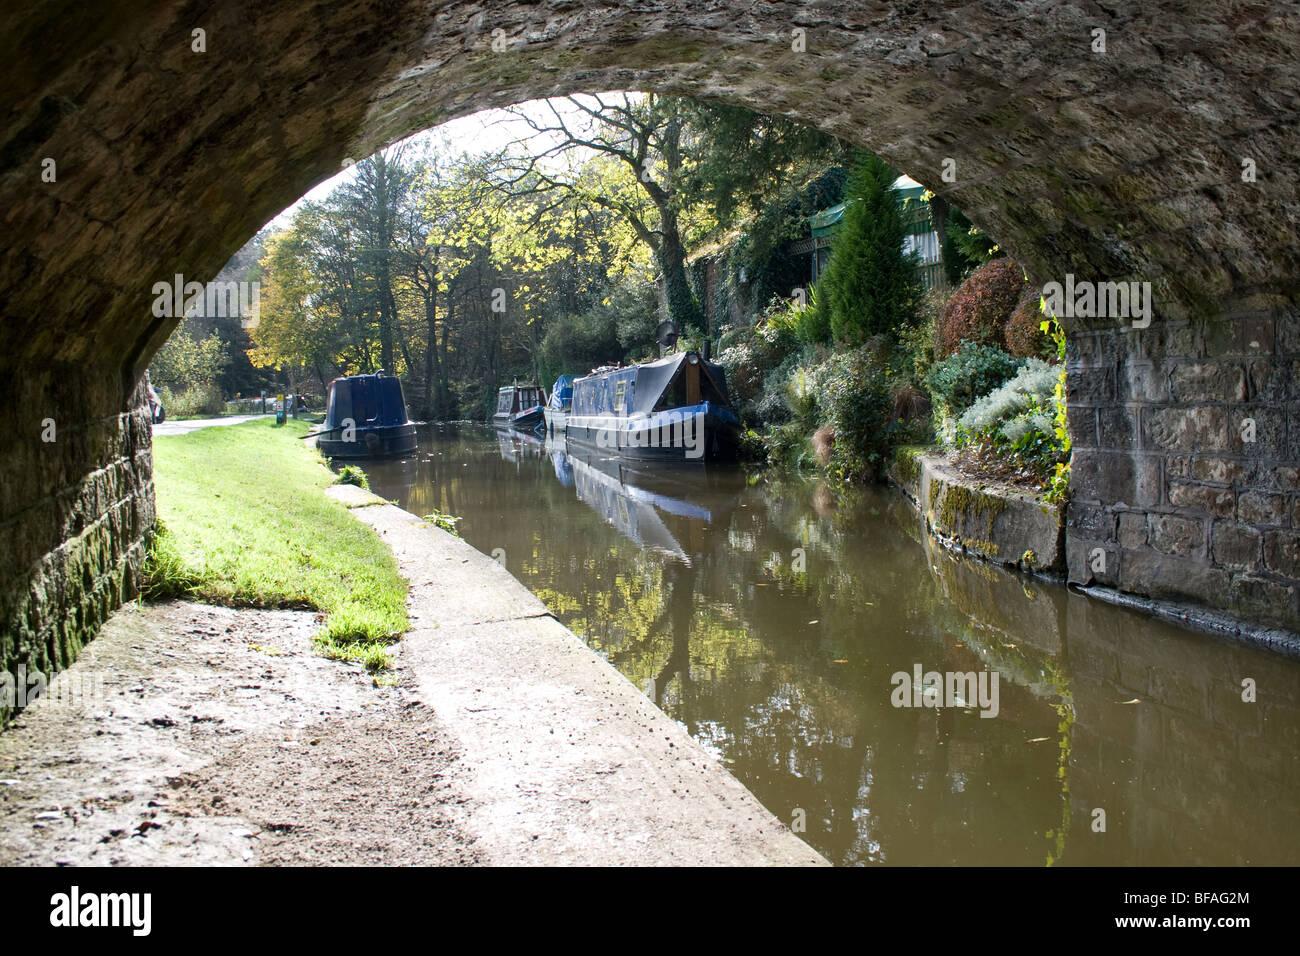 Cauldon canal, Cheddleton, Staffordshire - Stock Image